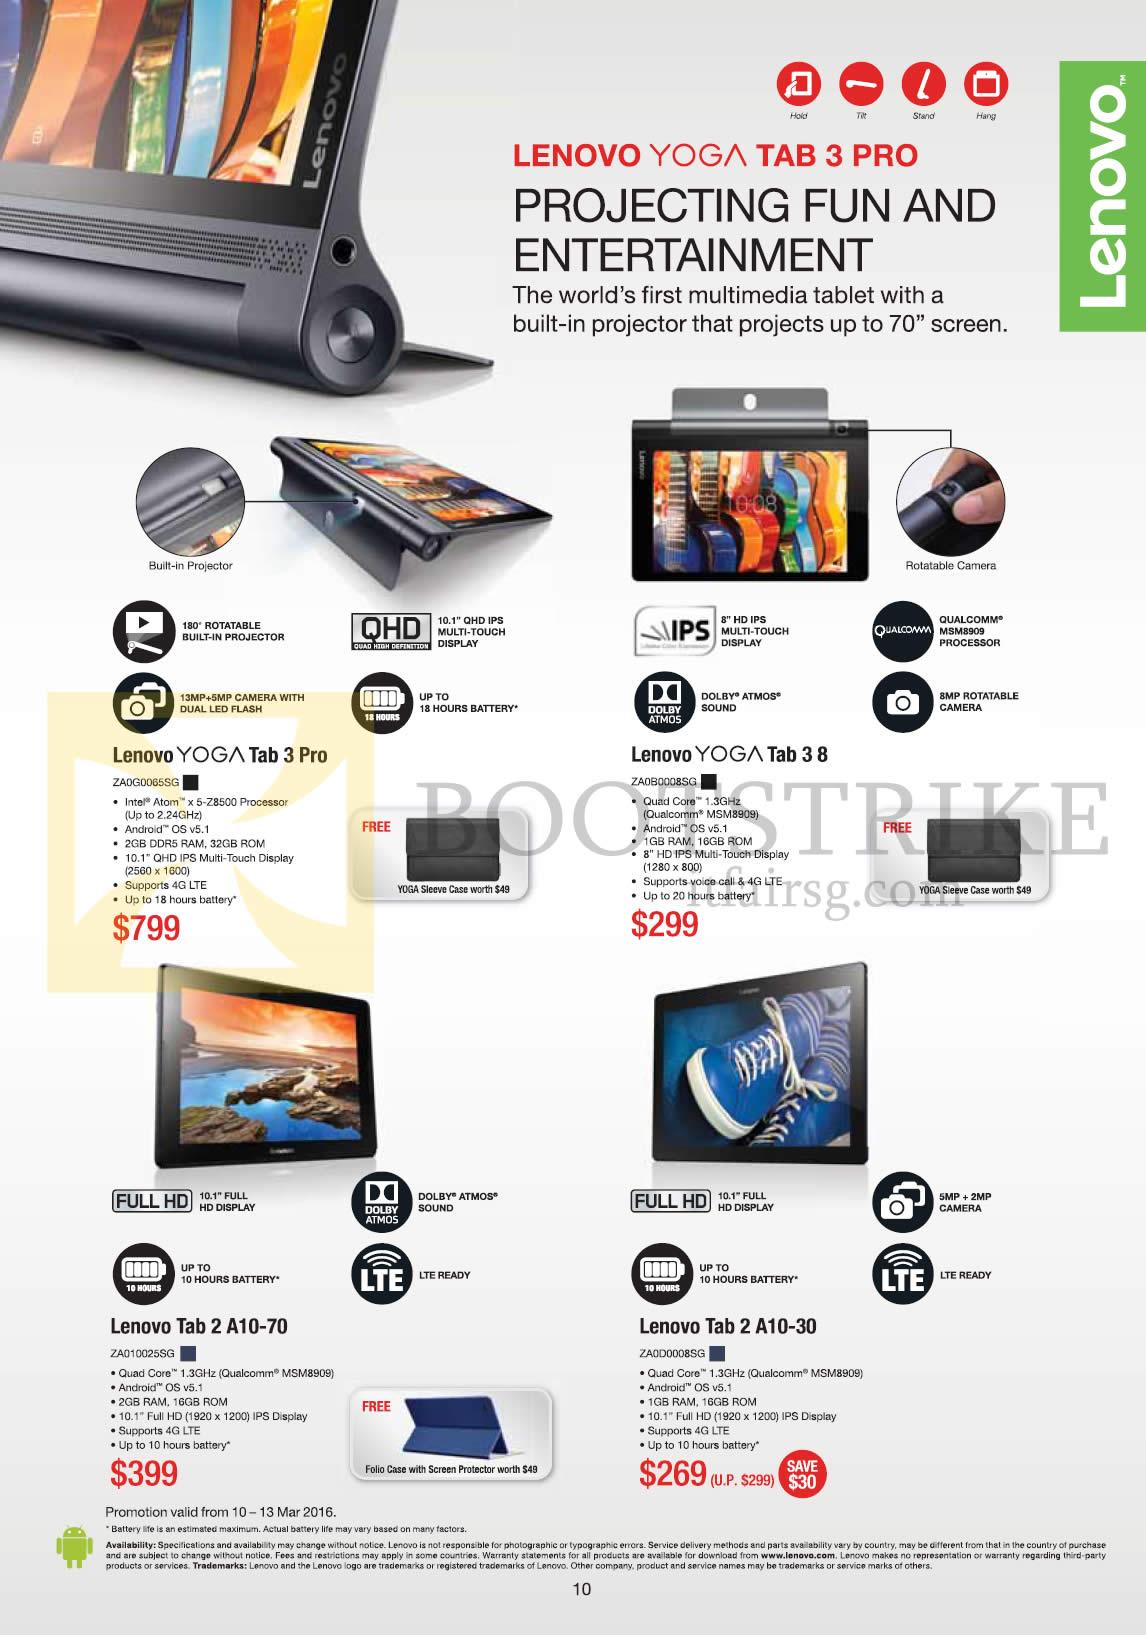 Lenovo Notebooks Yoga Tab 3 Pro Tab 3 8 Tab 2 A10 70 Tab 2 A10 30